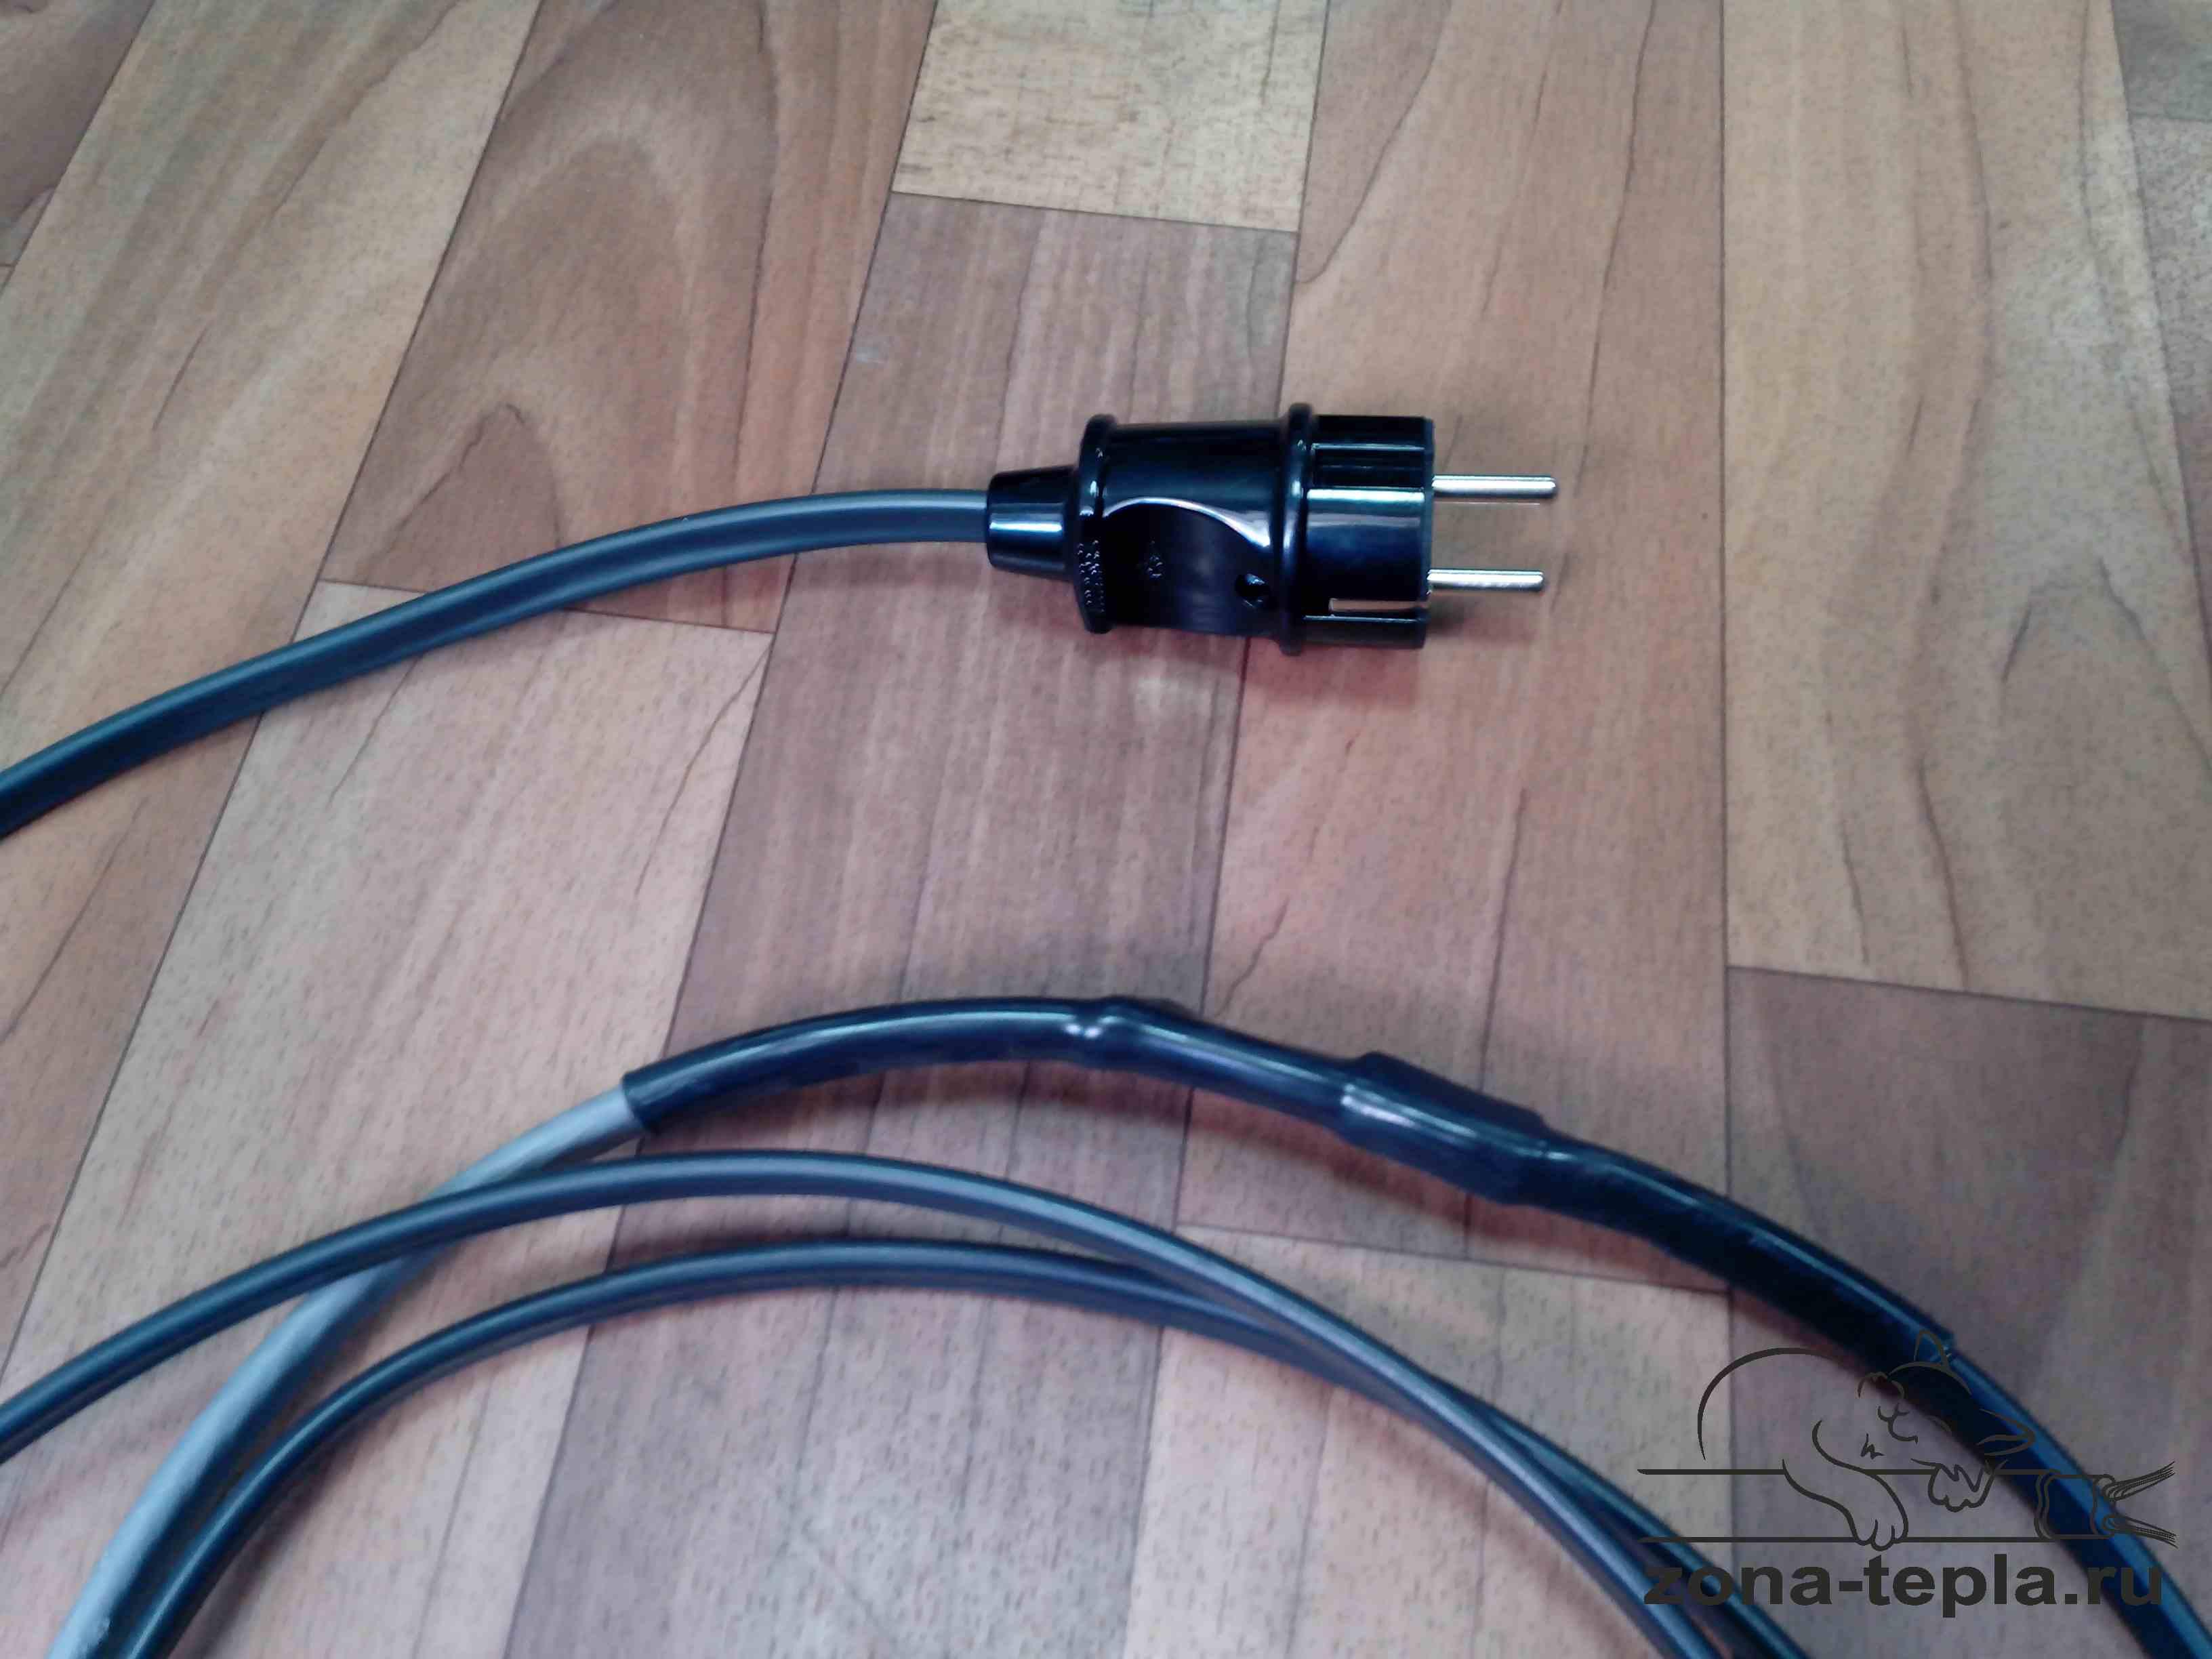 Комплект греющего кабеля - вилка